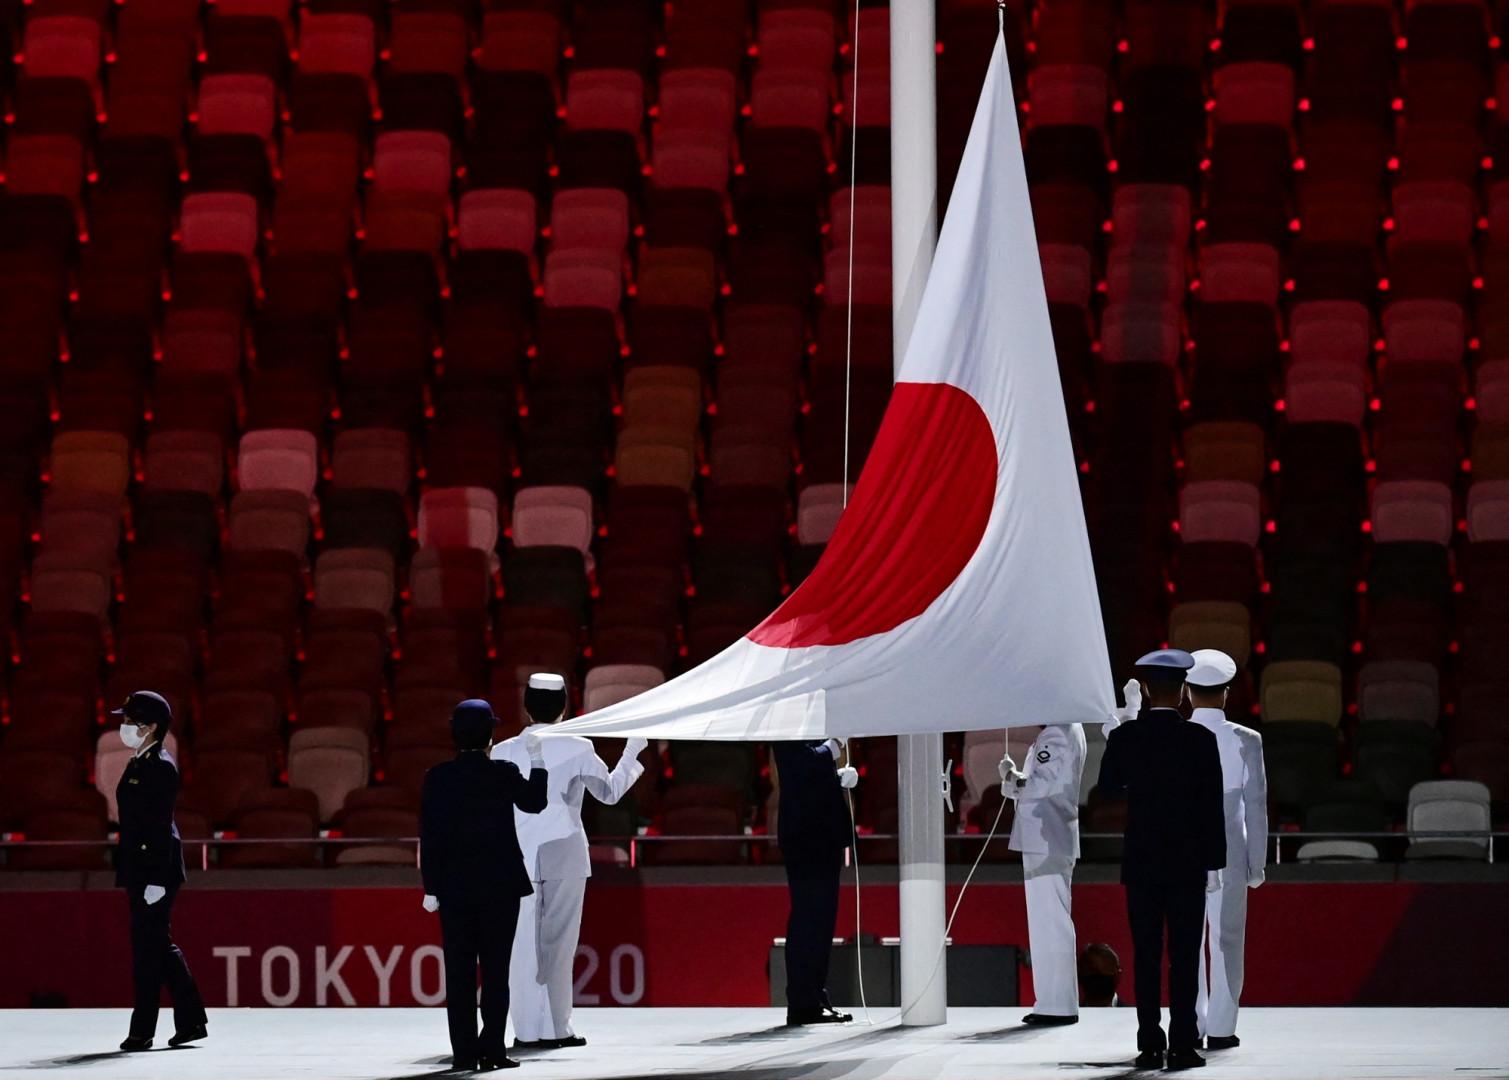 Le drapeau japonais hissé dans le stade olympique de Tokyo